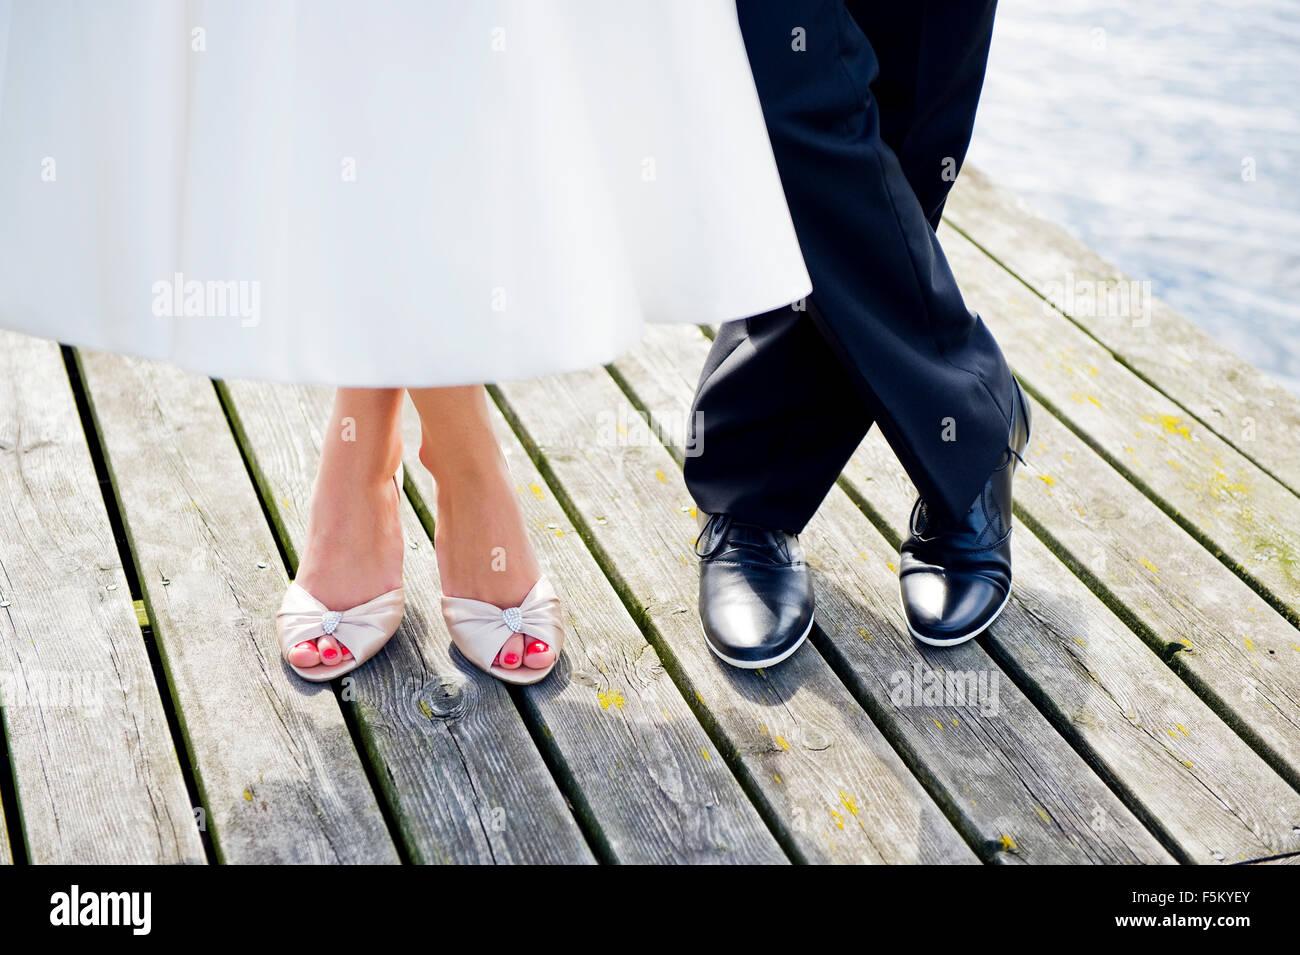 Suecia, Uppland Arholma, los pies del hombre y la mujer de pie en el muelle de madera Imagen De Stock